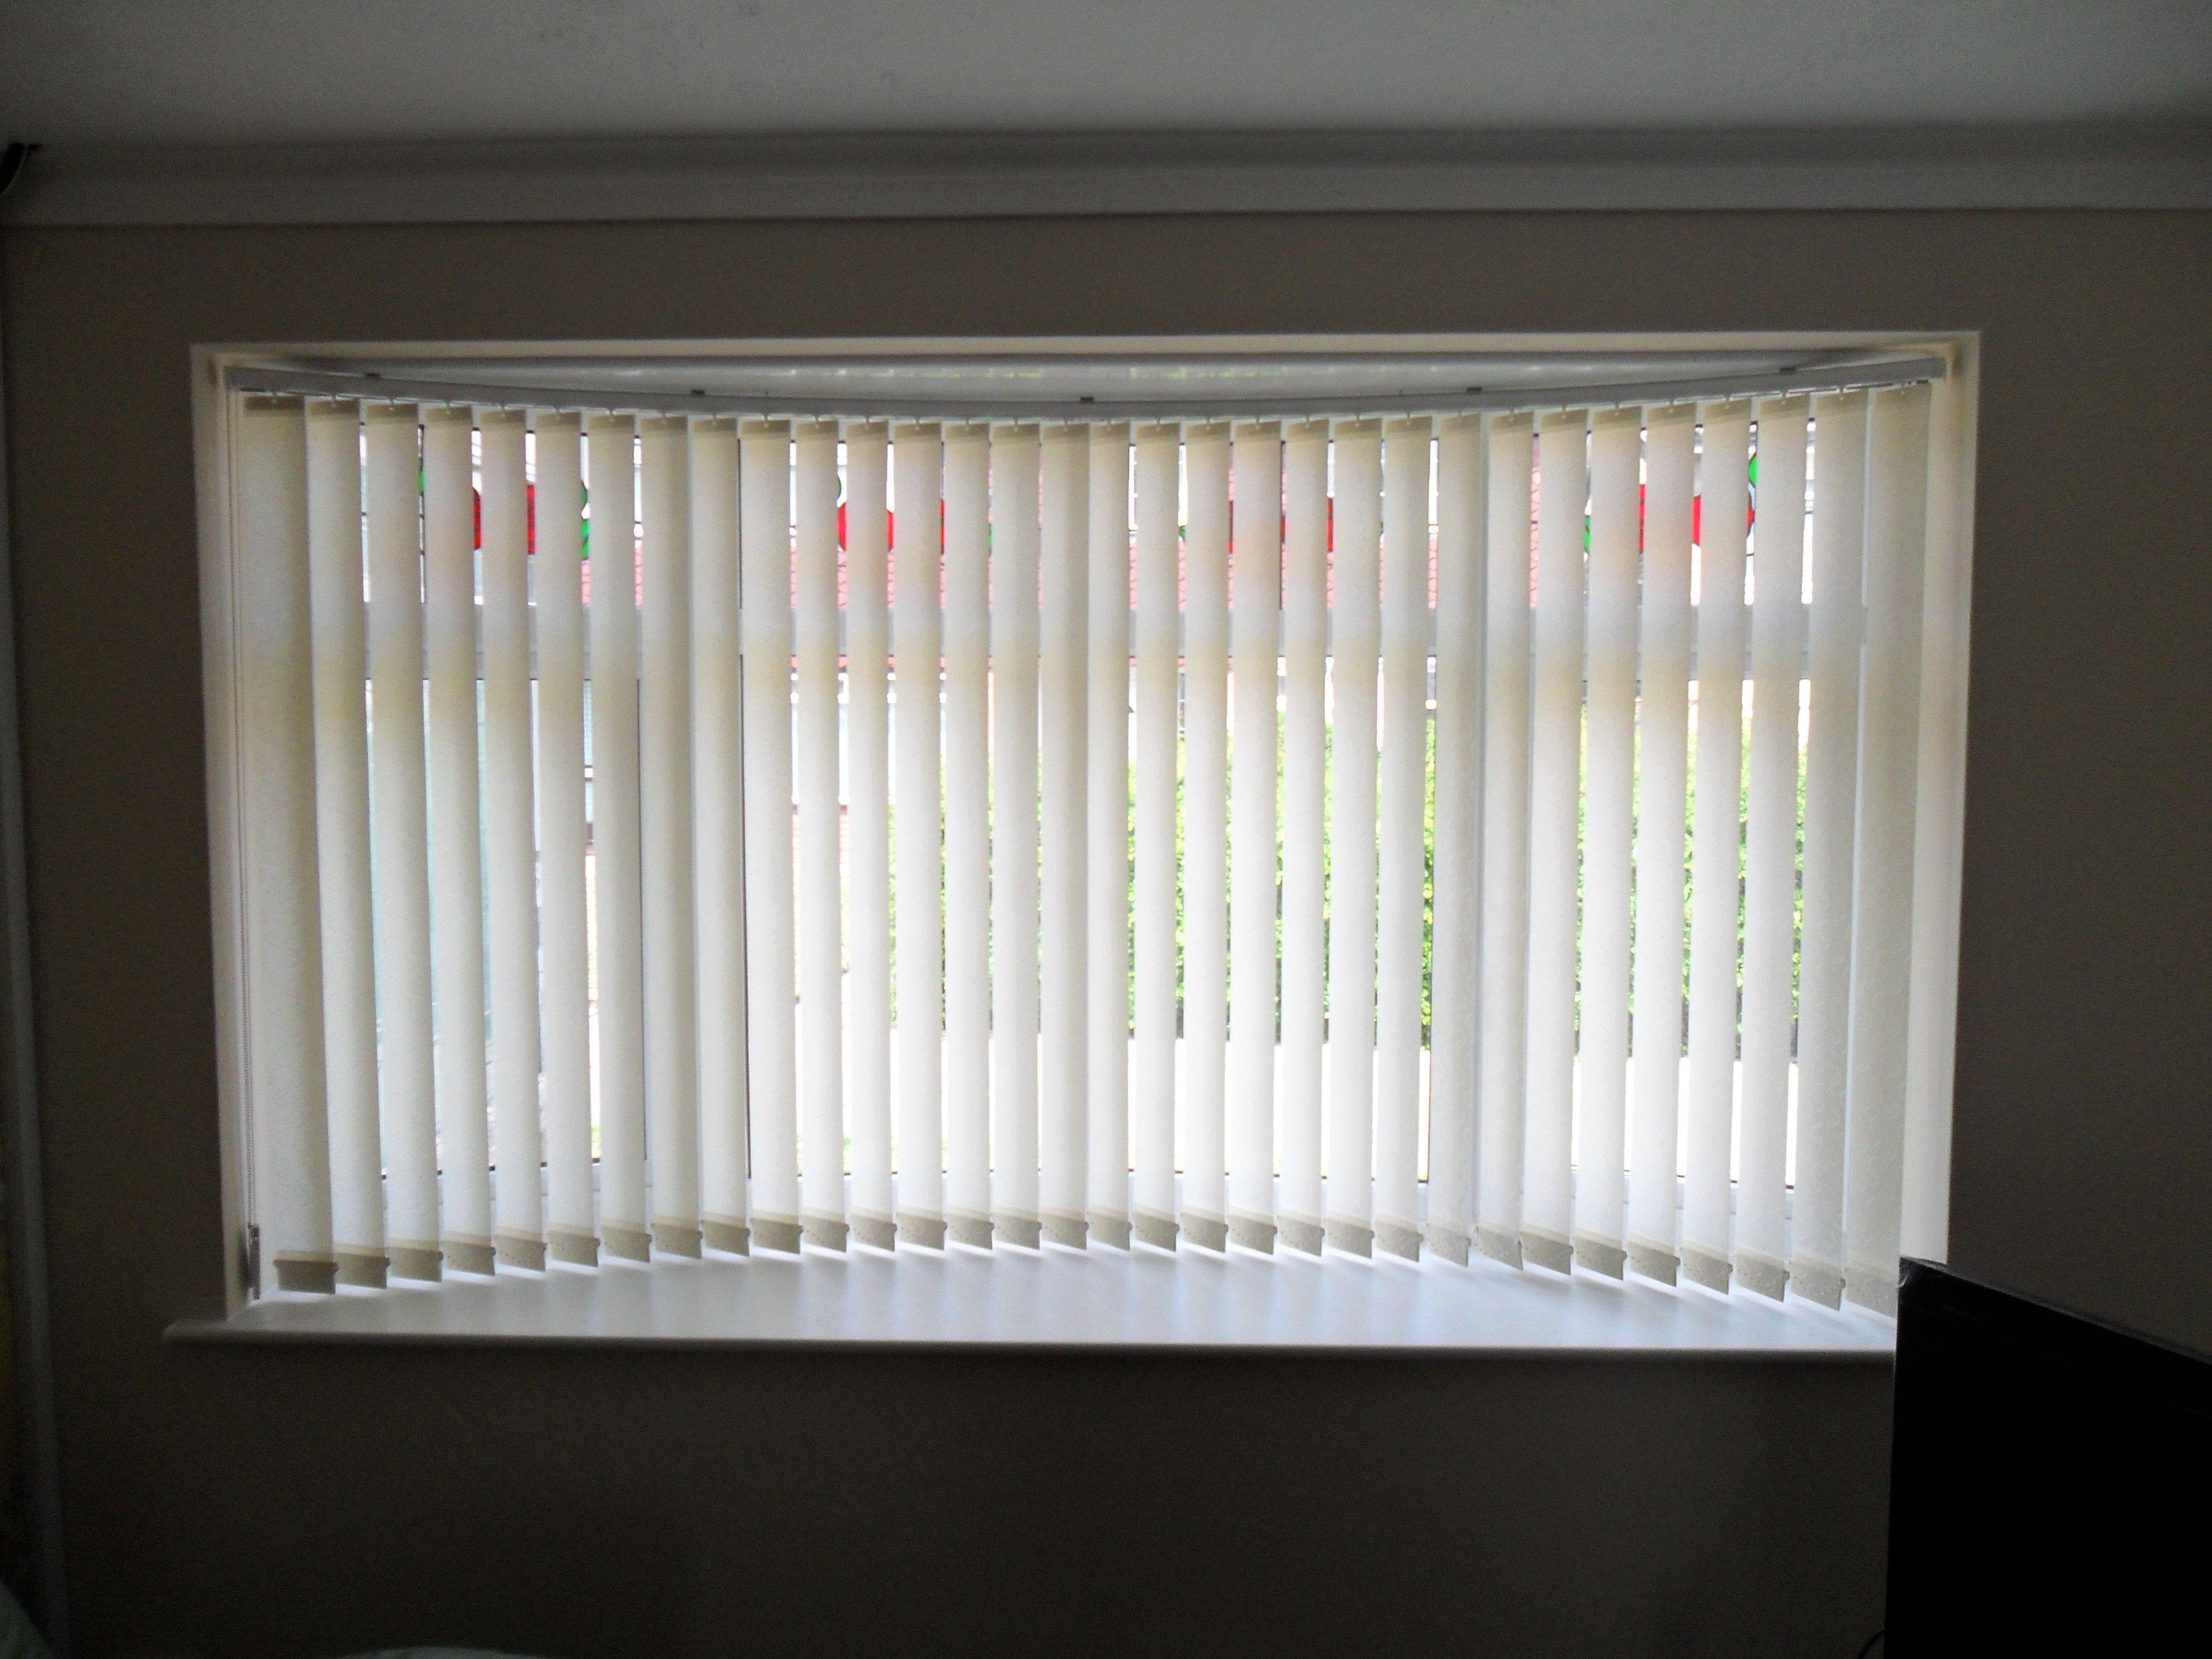 Vertacel Blinds On Window Blinds For Bay Windows Expression Blinds Verticalblindscolours Blindsan Bay Window Blinds Vertical Blinds Bay Window Treatments